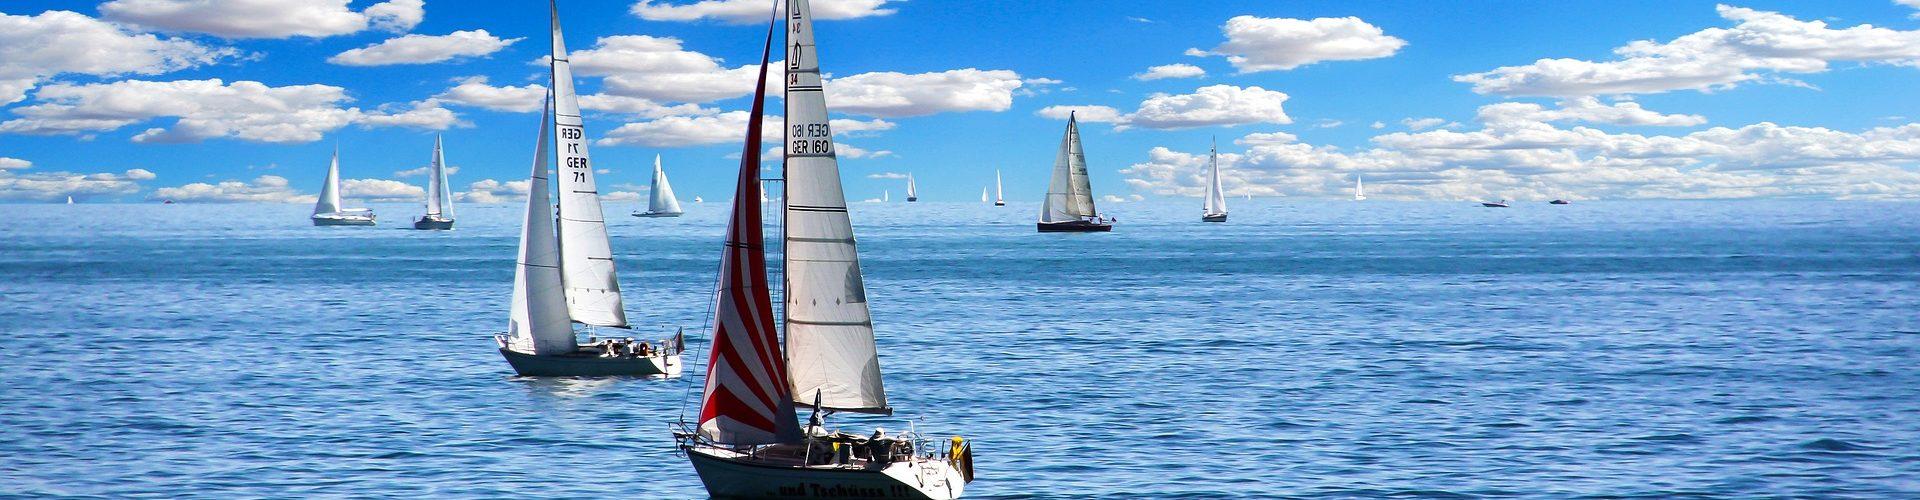 segeln lernen in Karlstein am Main segelschein machen in Karlstein am Main 1920x500 - Segeln lernen in Karlstein am Main